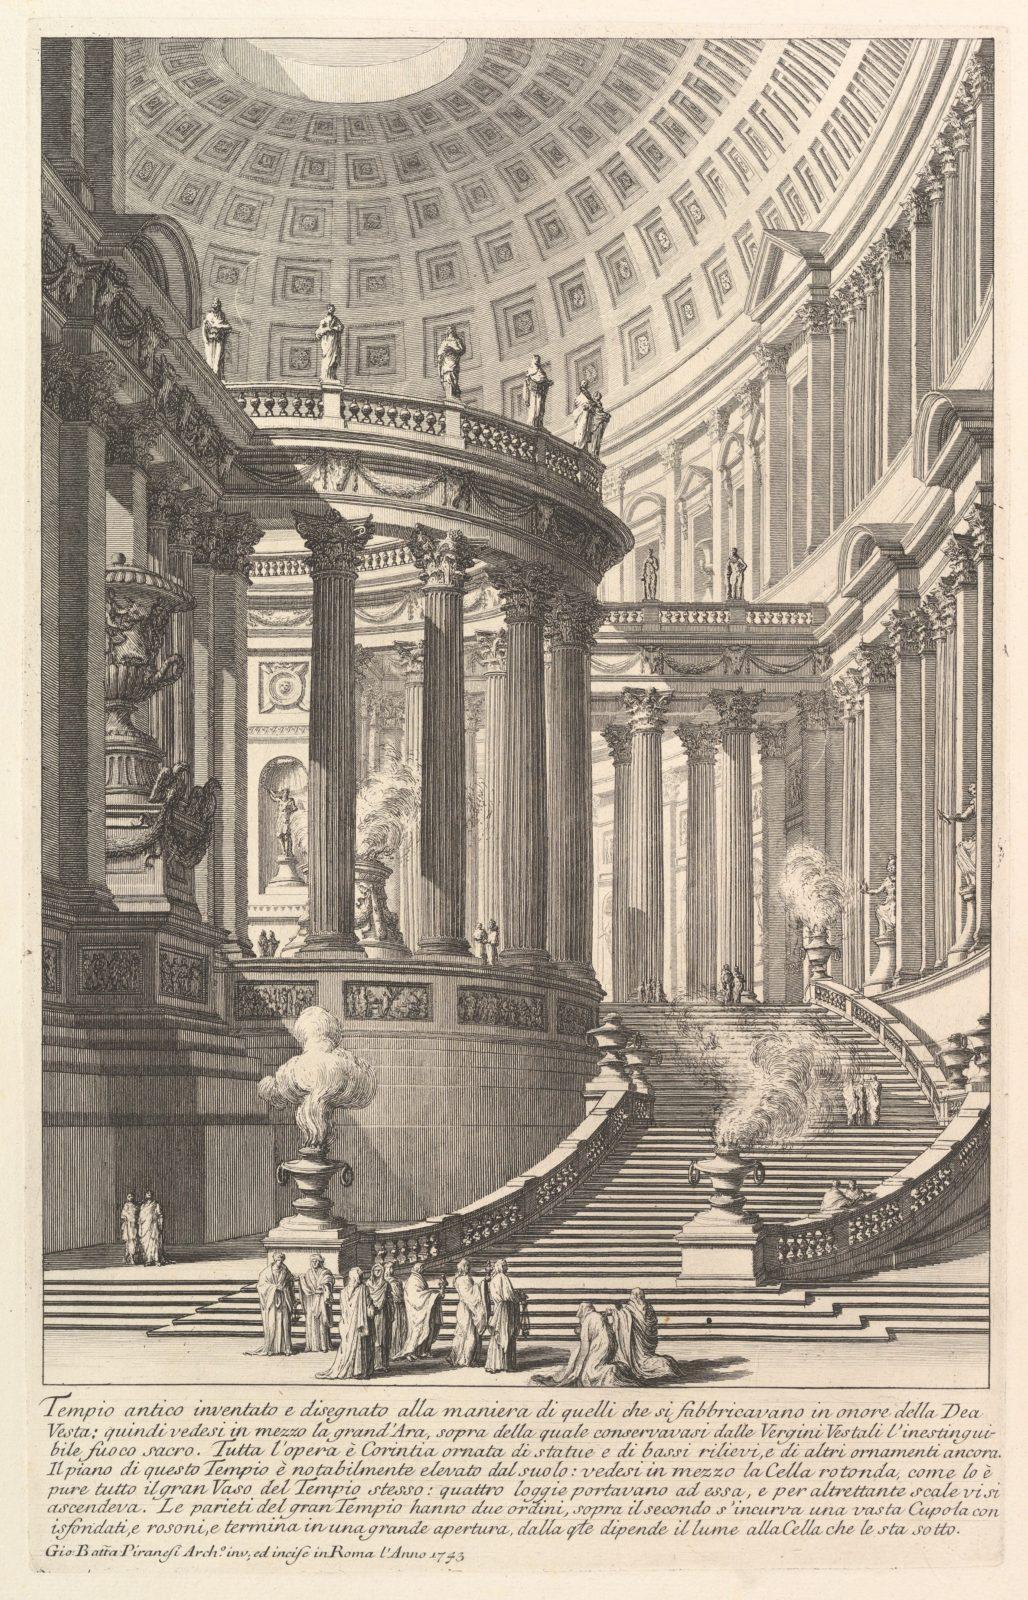 Imaginery ancient temple designed in the style of those built in honor of the Goddess Vesta . . . (Tempio antico inventato e disegnato alla maniera di quelli che si fabbricavano in onore della Dea Vesta . . . )